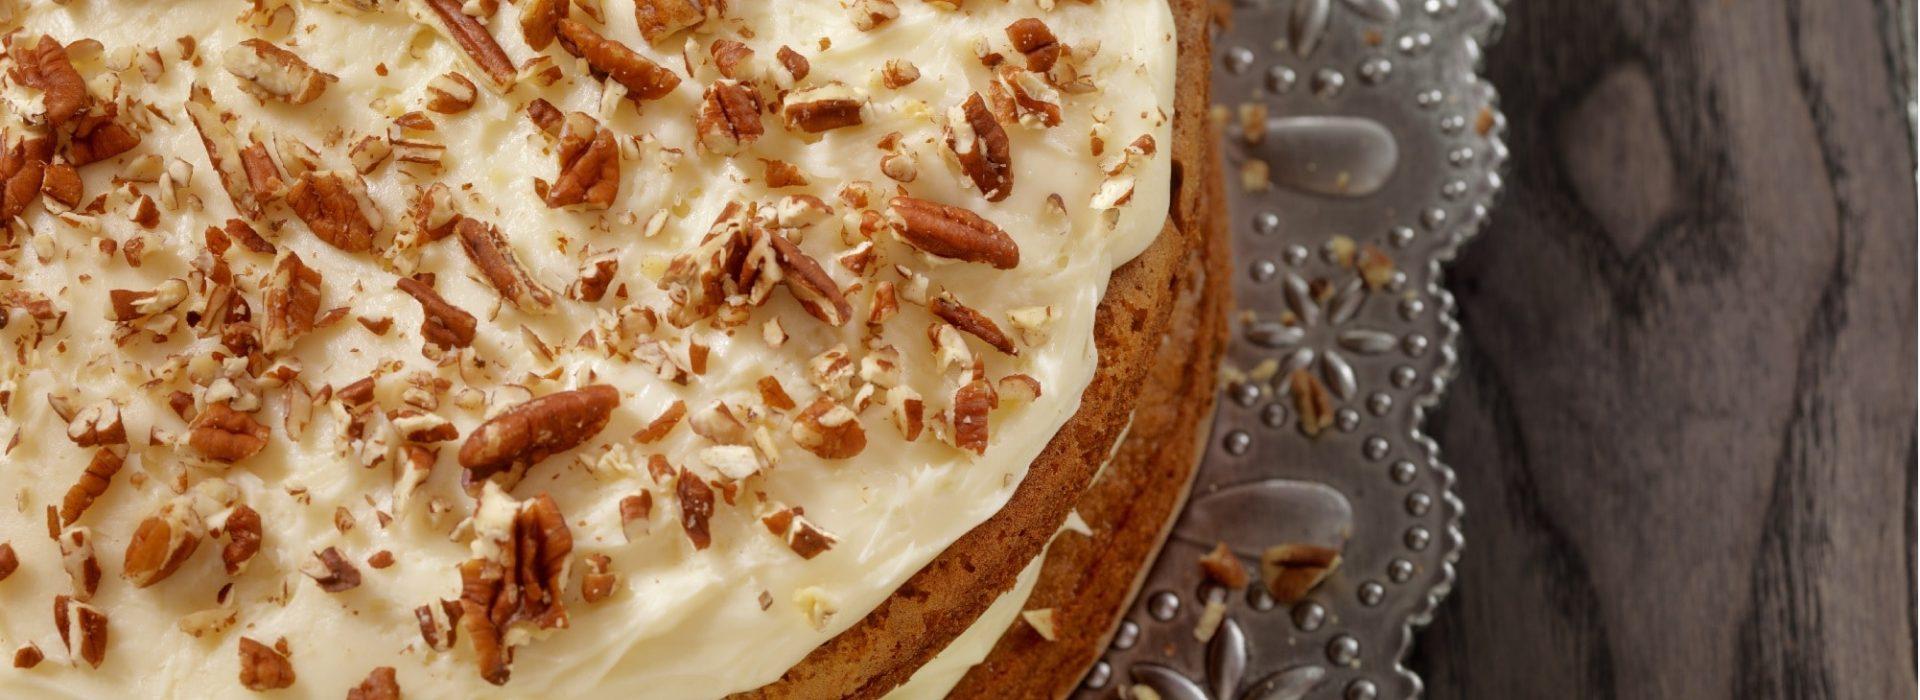 Carrot Cake Blog Image. Image du blog gâteau aux carottes.